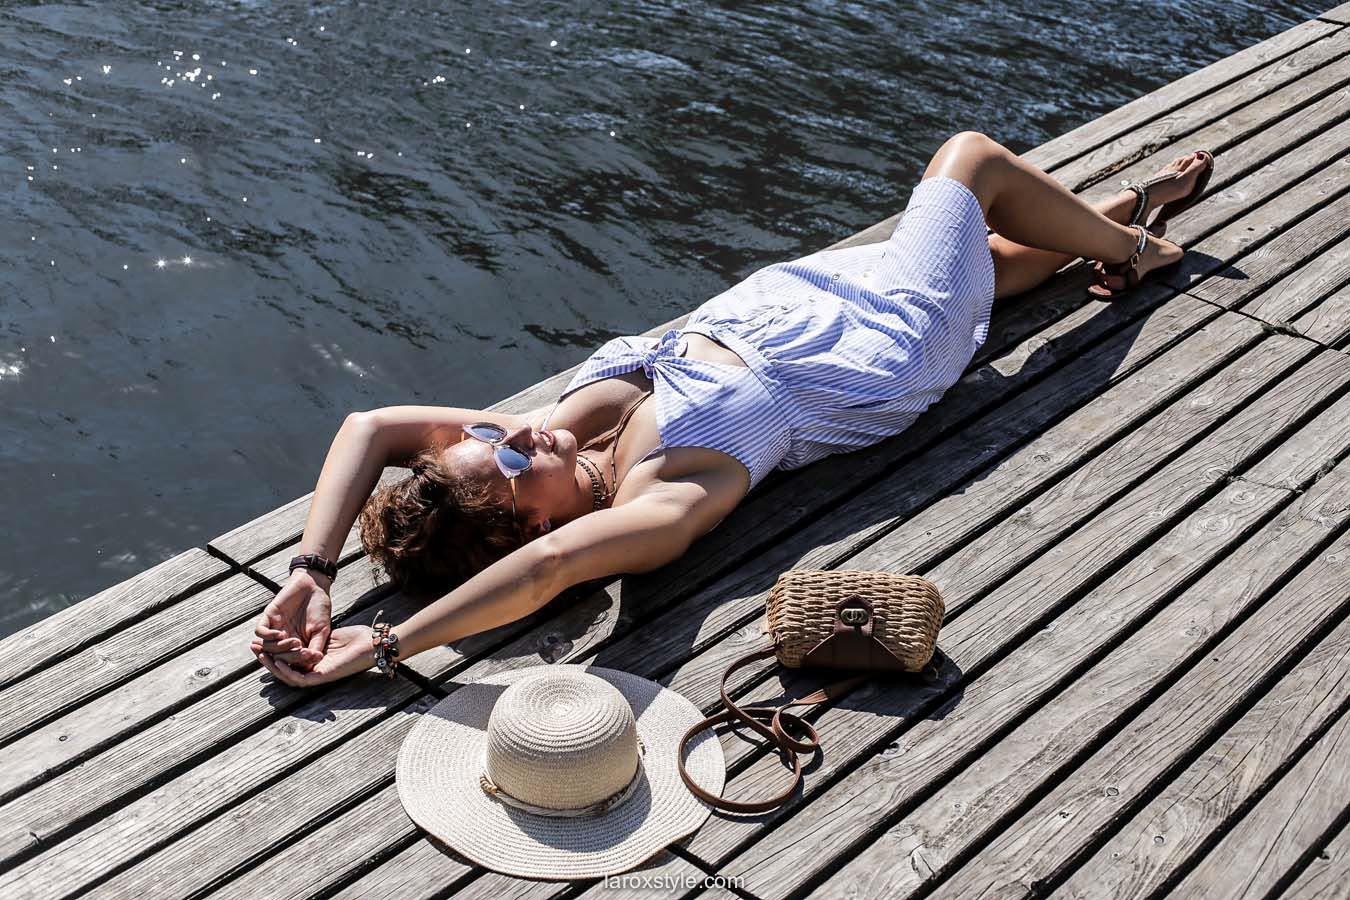 bronzer en ville - vacances en ville - blog lifestyle lyon -17.jpg